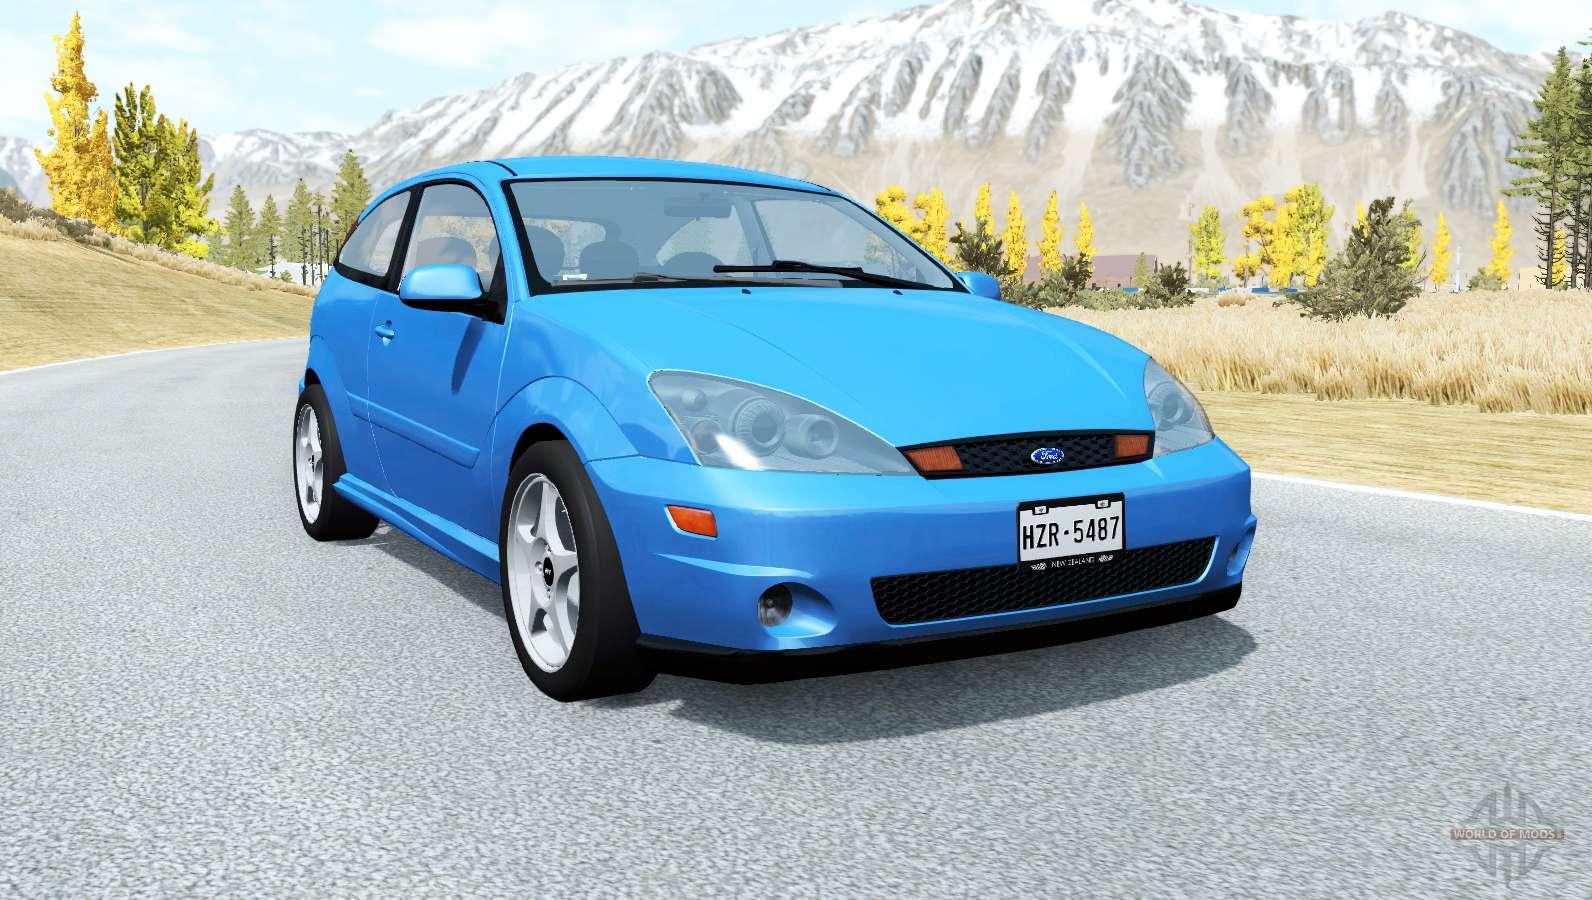 2002 Ford Focus Svt >> Ford Focus SVT (DBW) 2002 for BeamNG Drive